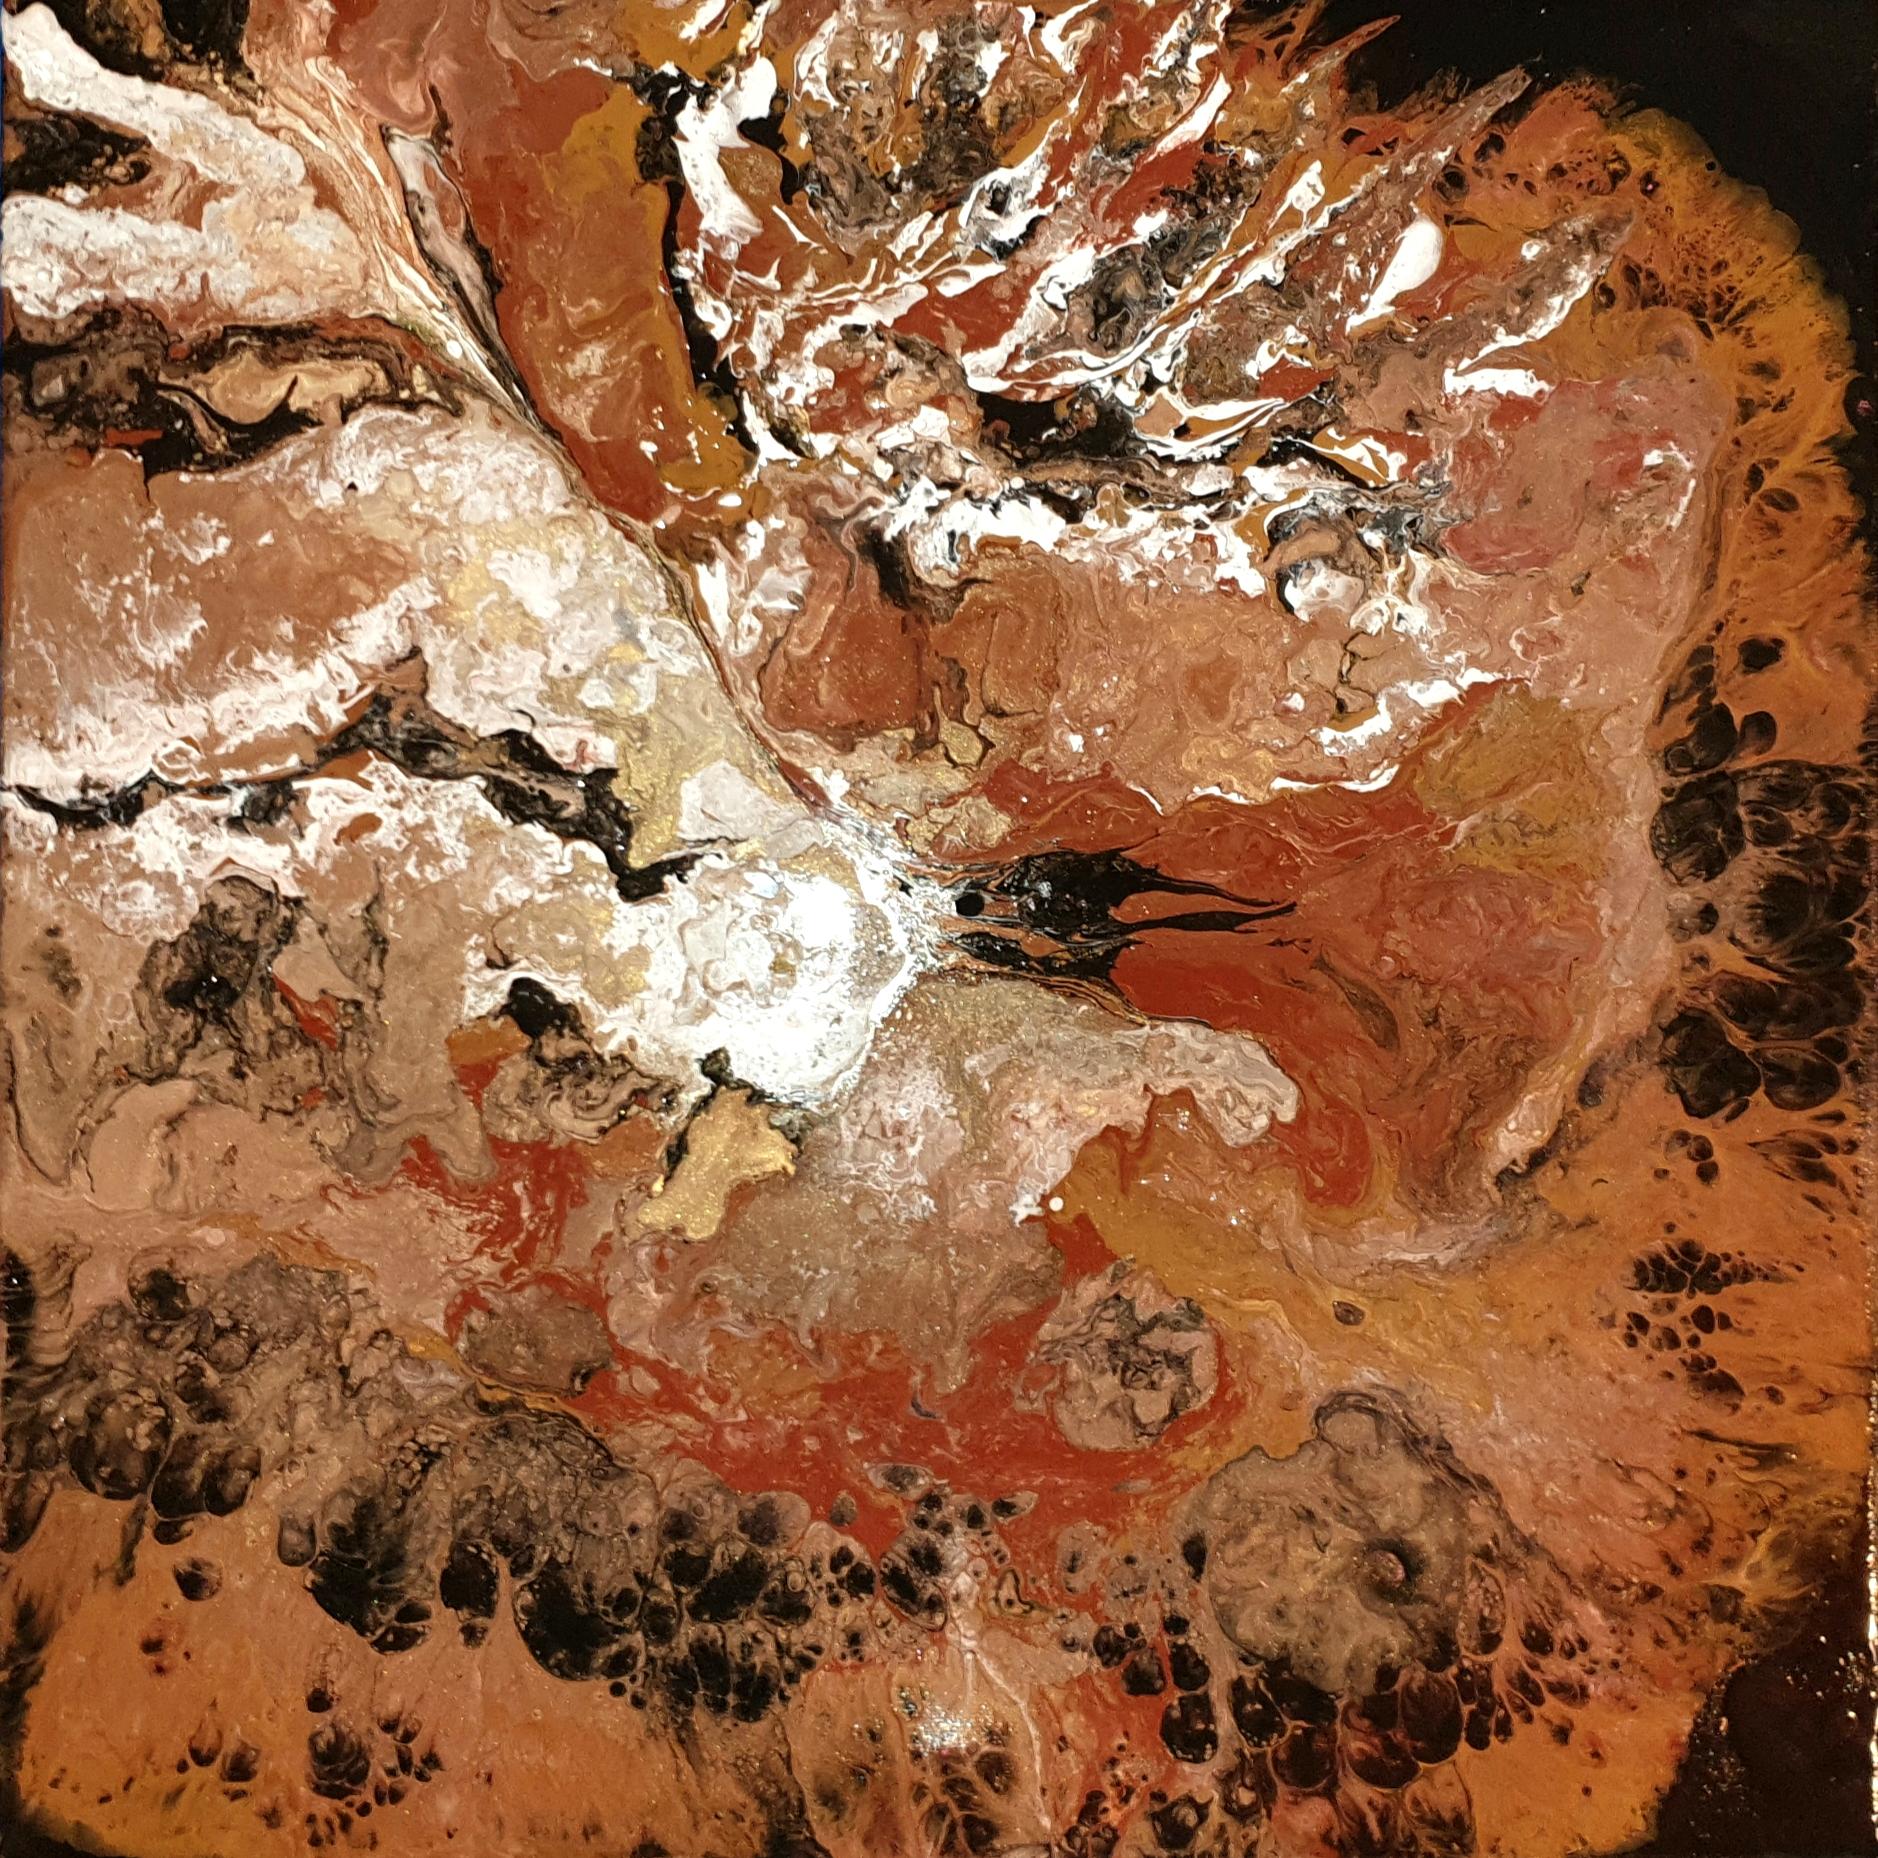 """Obraz akryl 40cm x 40cm pt. """"Ptak"""" (2020)"""